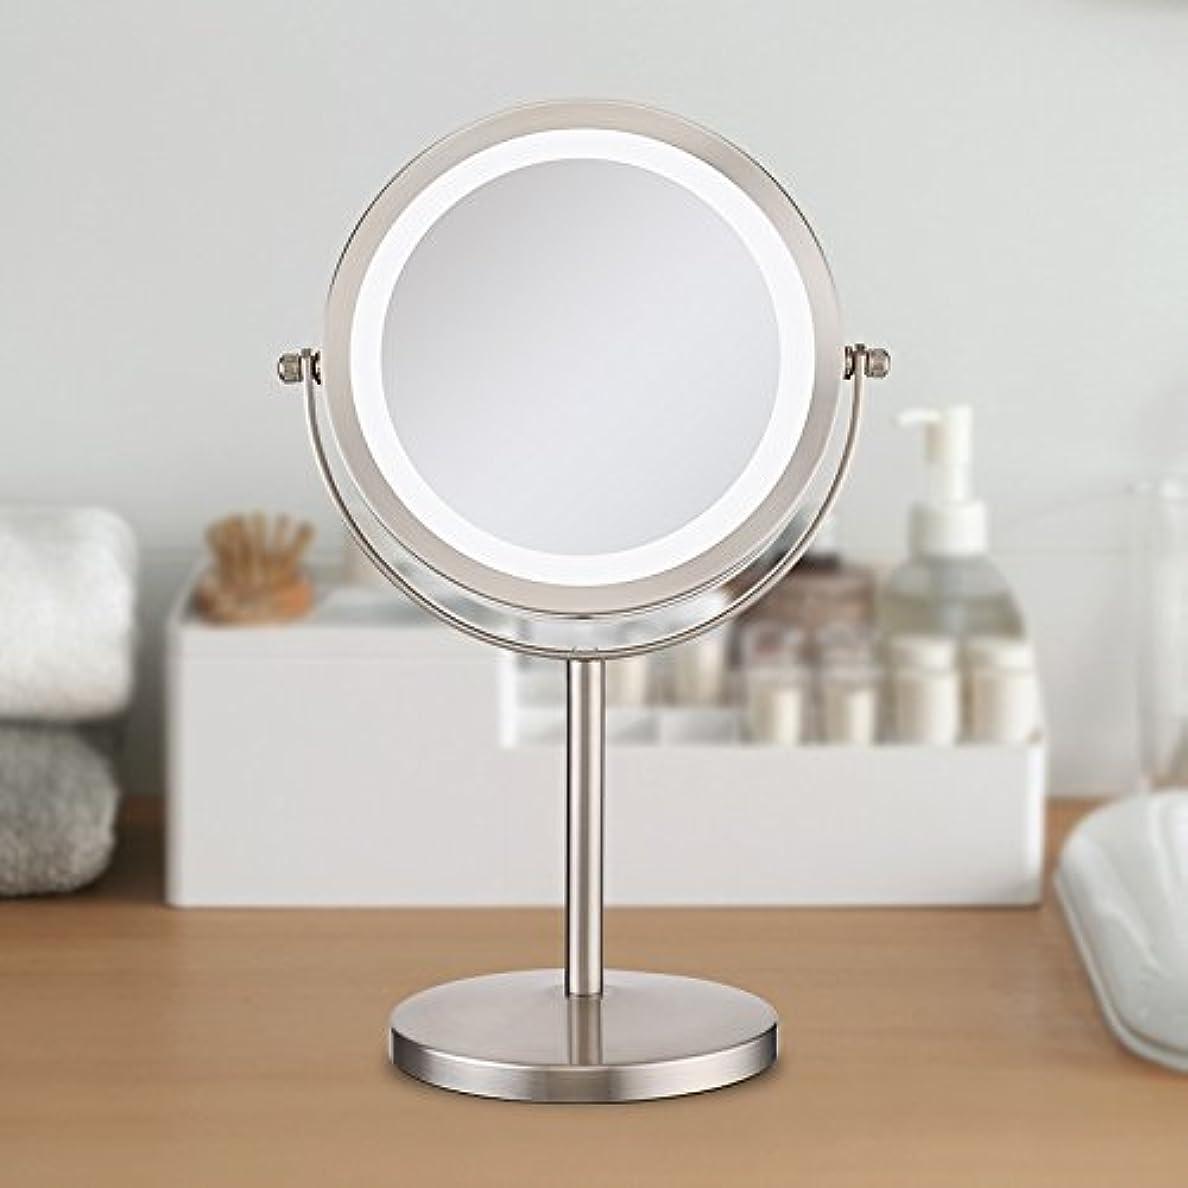 出演者幽霊洞察力(セーディコ)Cerdeco 真実の北欧風卓上鏡DX LEDライト付き 10倍拡大率 両面化粧鏡 真実の鏡DX スタンドミラー 鏡面φ178mm D710N